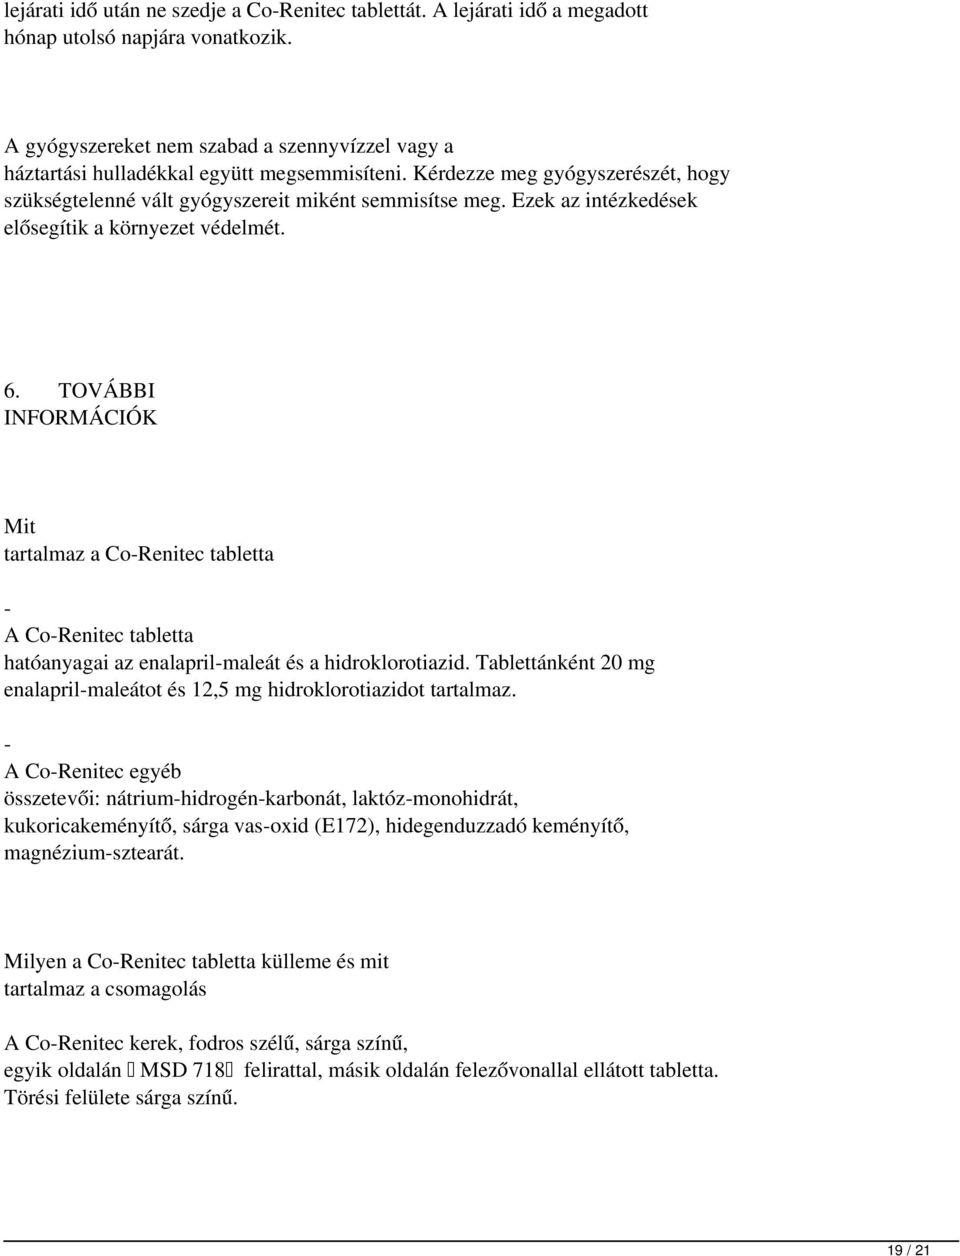 hipertónia gyógyszer co-renitec)